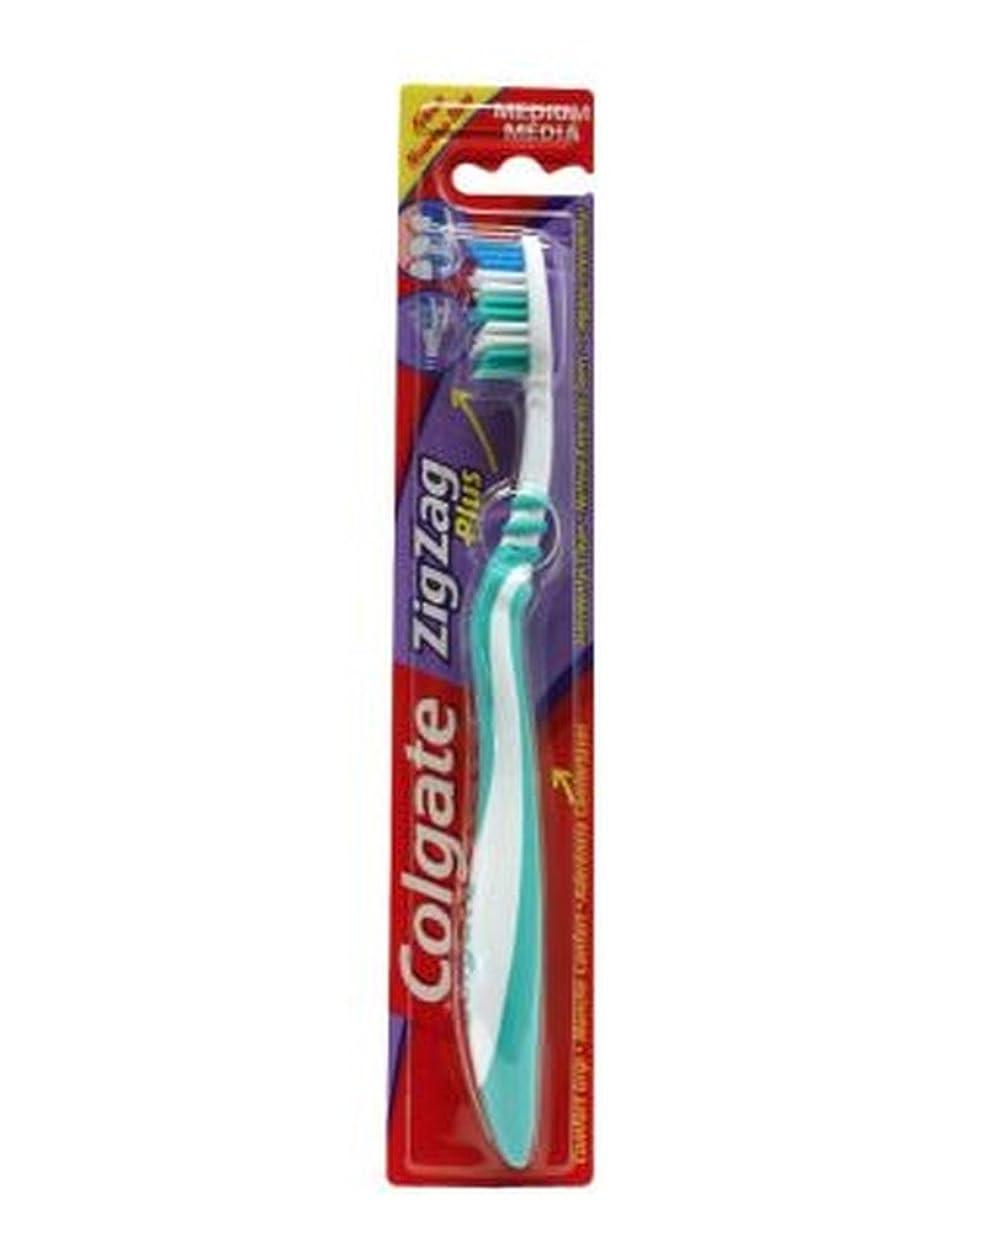 かき混ぜる応用シニスColgate Zig Zag Plus Toothbrush Medium - コルゲートジグザグプラス歯ブラシ媒体 (Colgate) [並行輸入品]